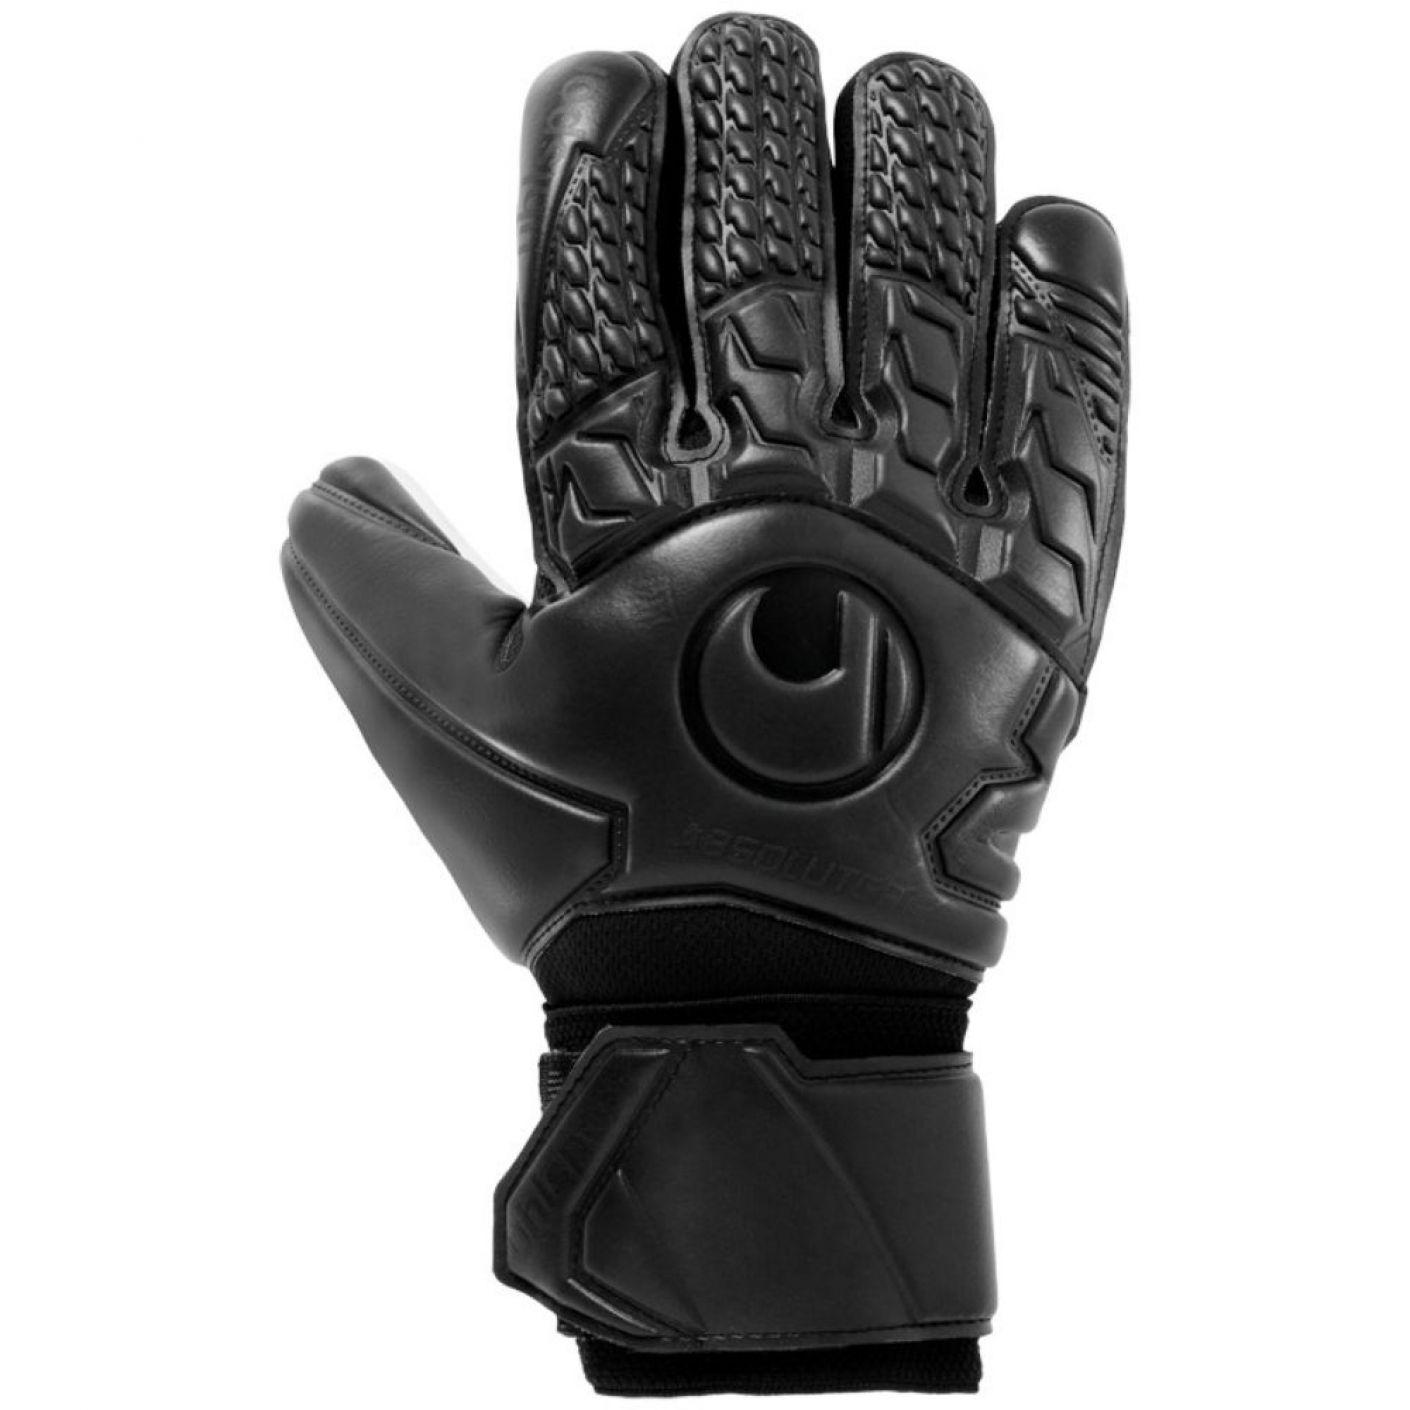 UHLSPORT COMFORT ABSOLUTGRIP HN Keepershandschoenen Zwart